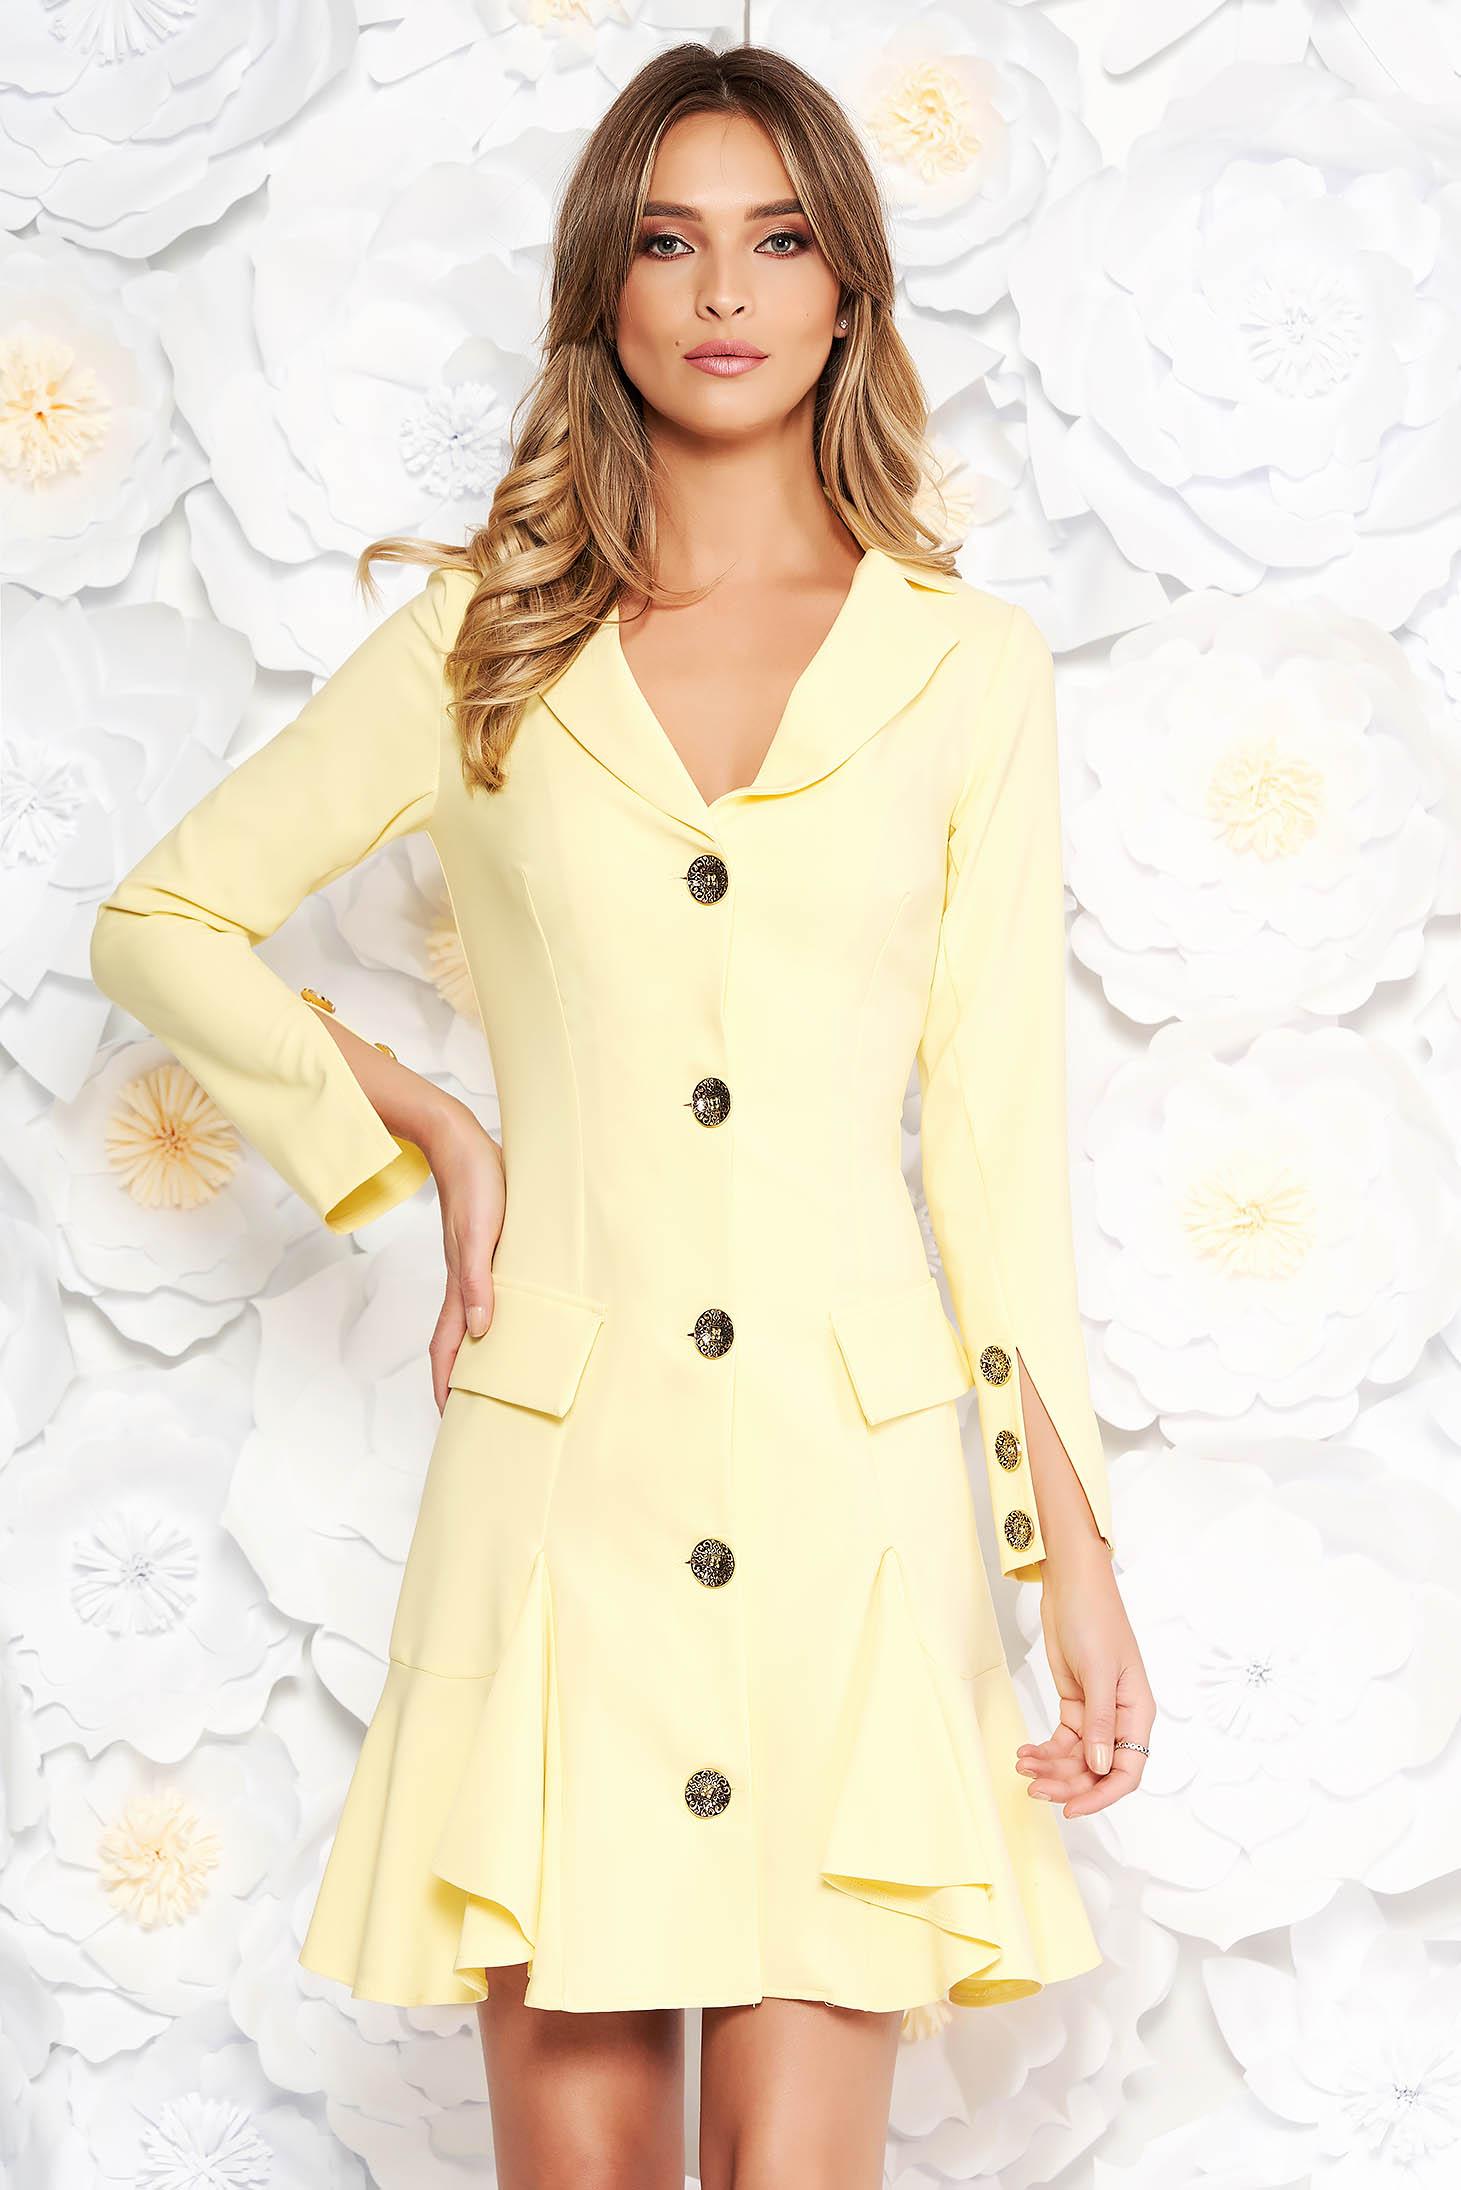 Sárga Artista elegáns ruha enyhén rugalmas finom szövet karcsusított szabás fodrok a ruha alján